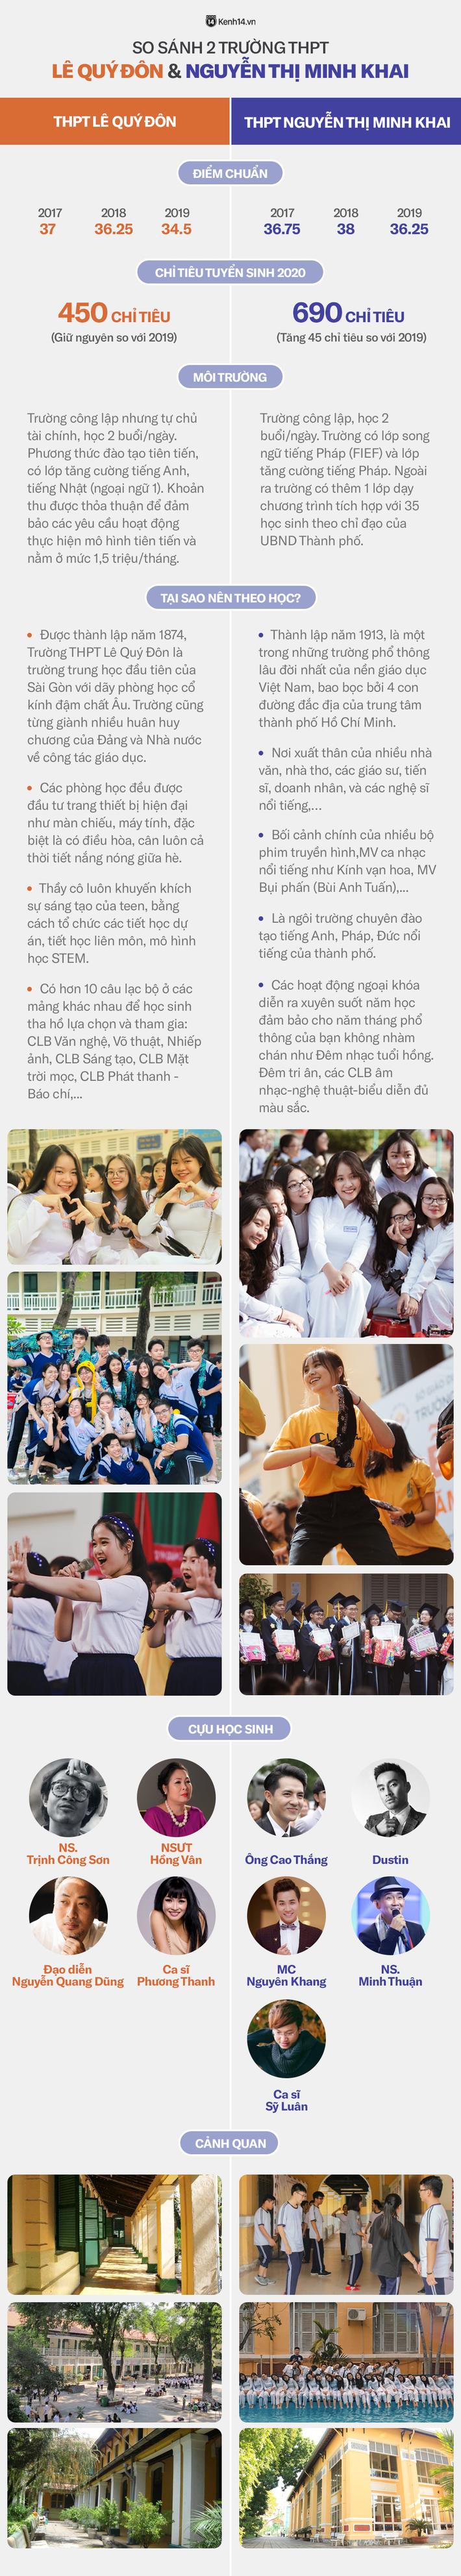 2 trường cấp 3 nổi tiếng bậc nhất Sài thành: Minh Khai và Lê Quý Đôn, ai đỉnh hơn? - Ảnh 1.